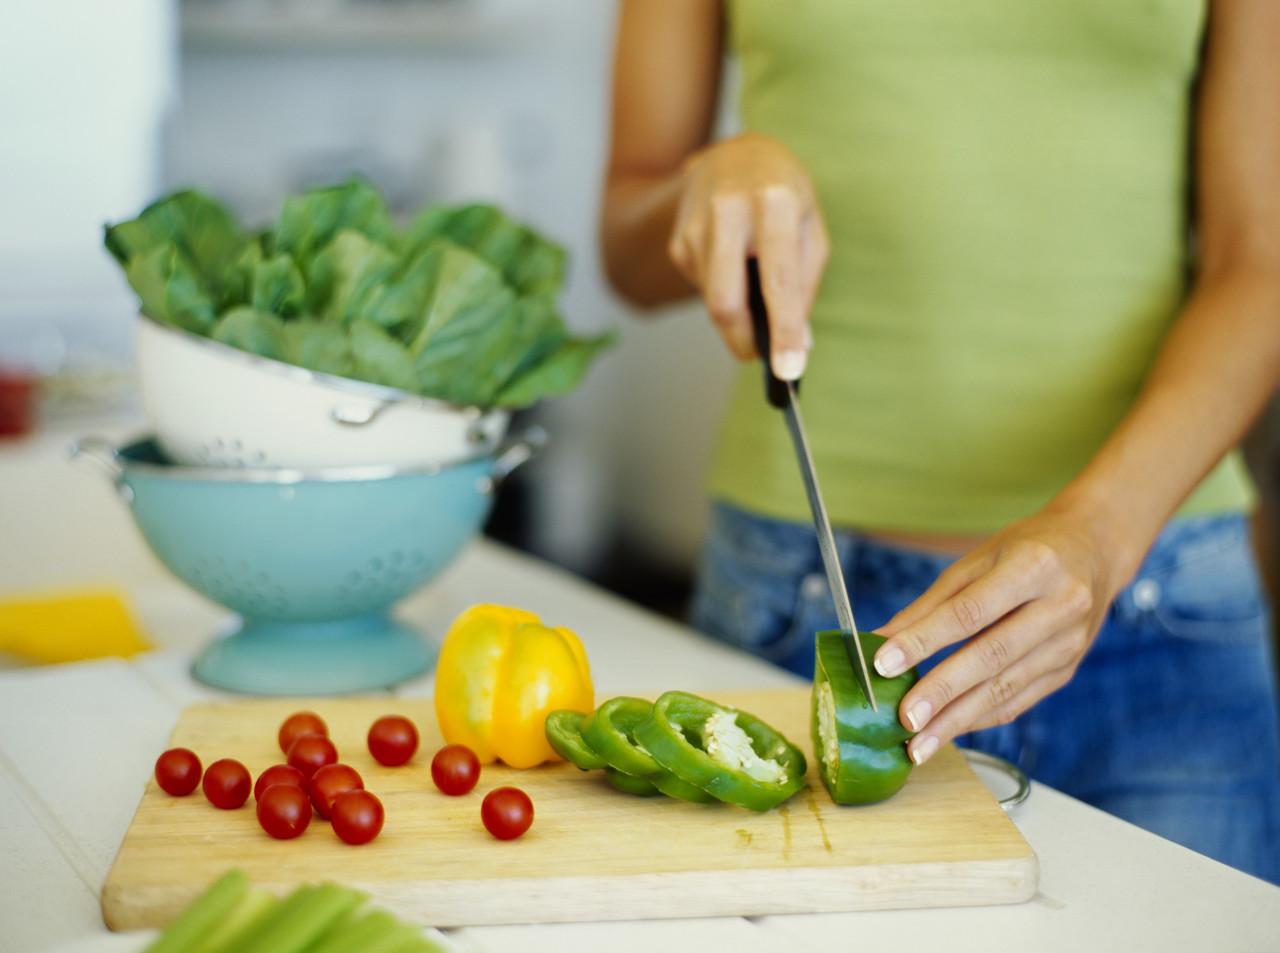 przygotowwanie owocow i warzyw do wyciskarki